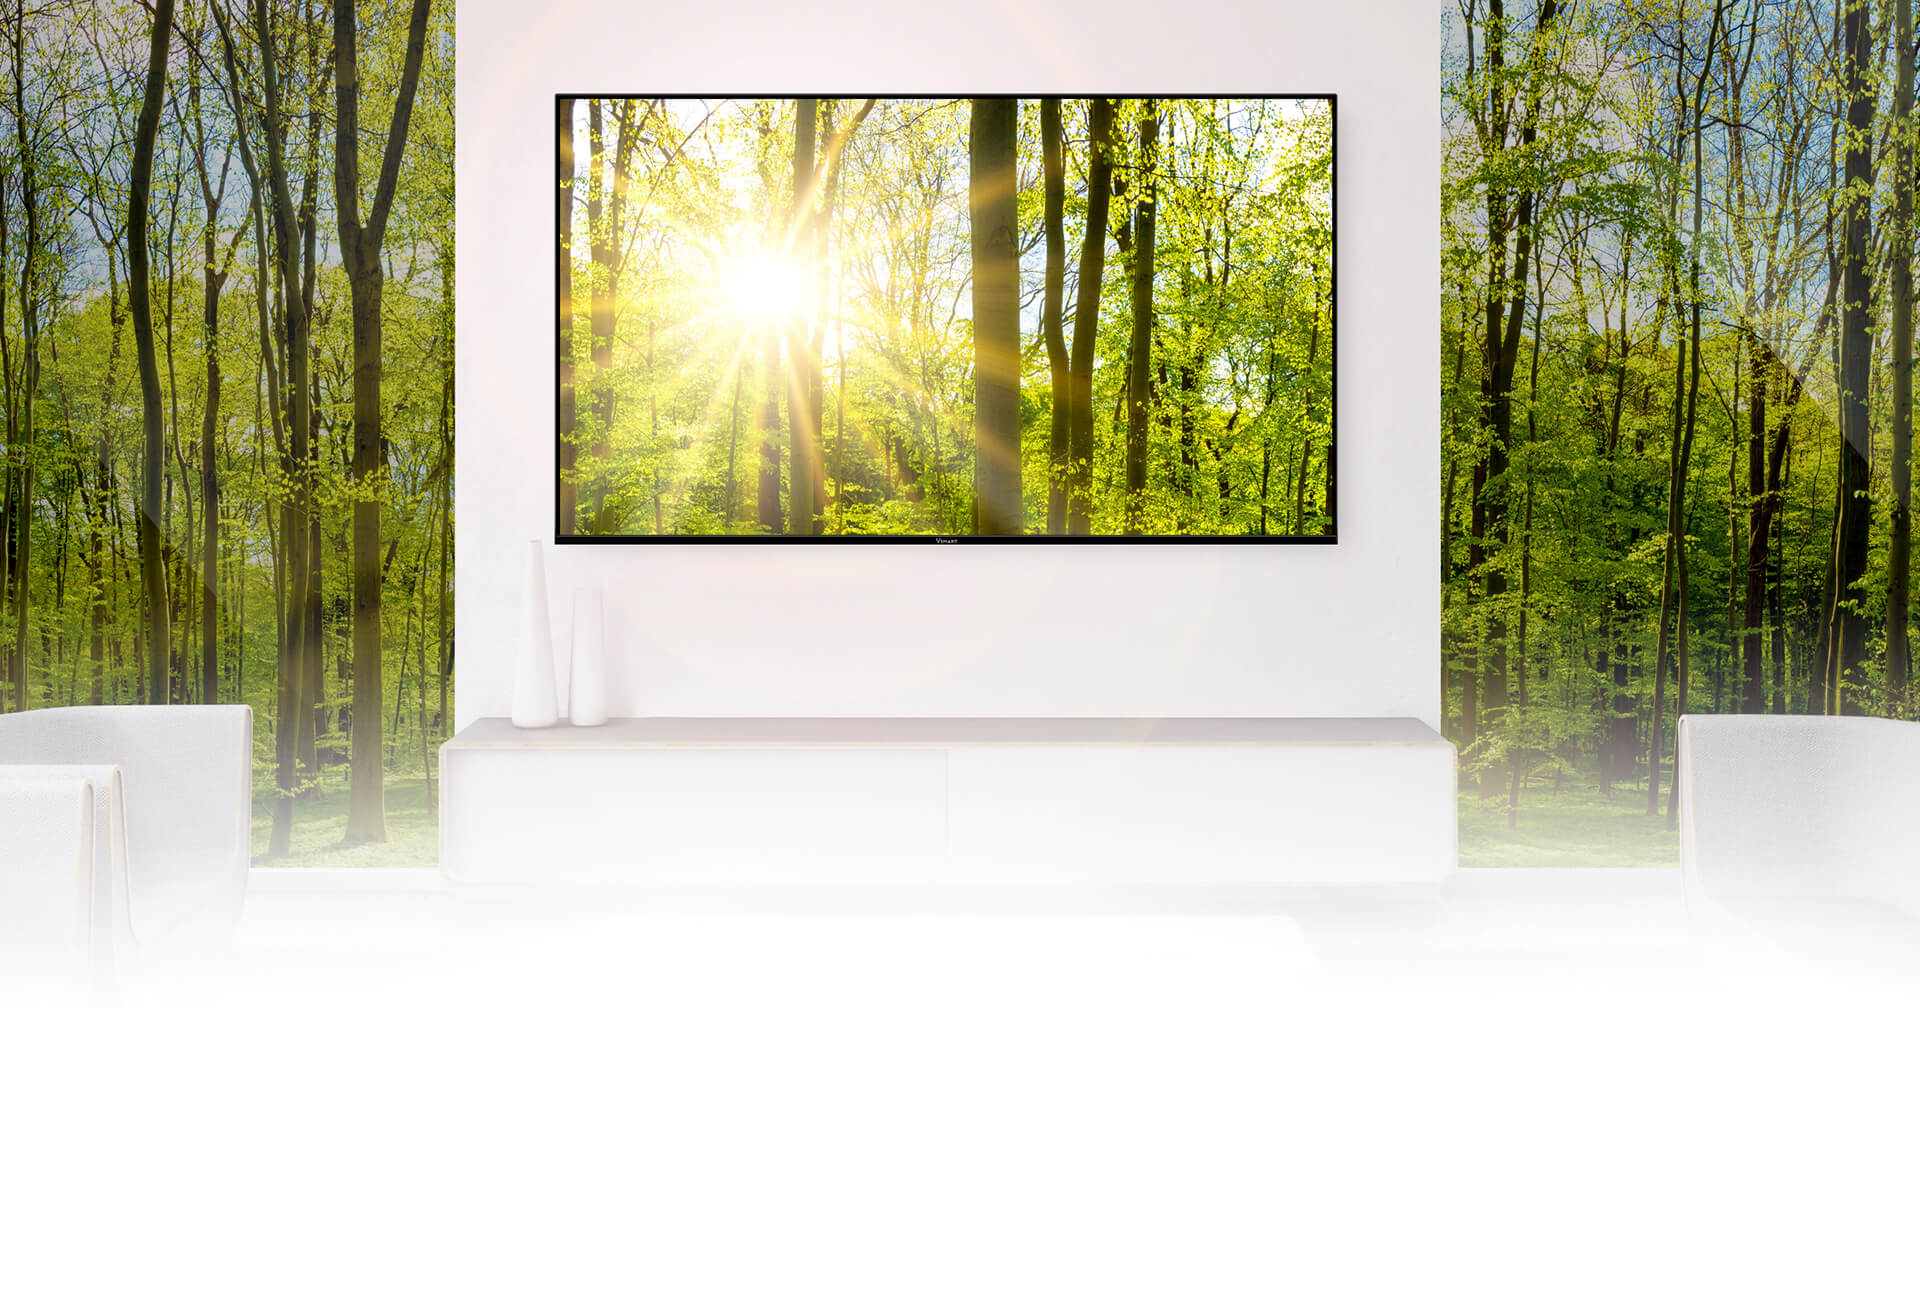 VSmart TV 43KD6600